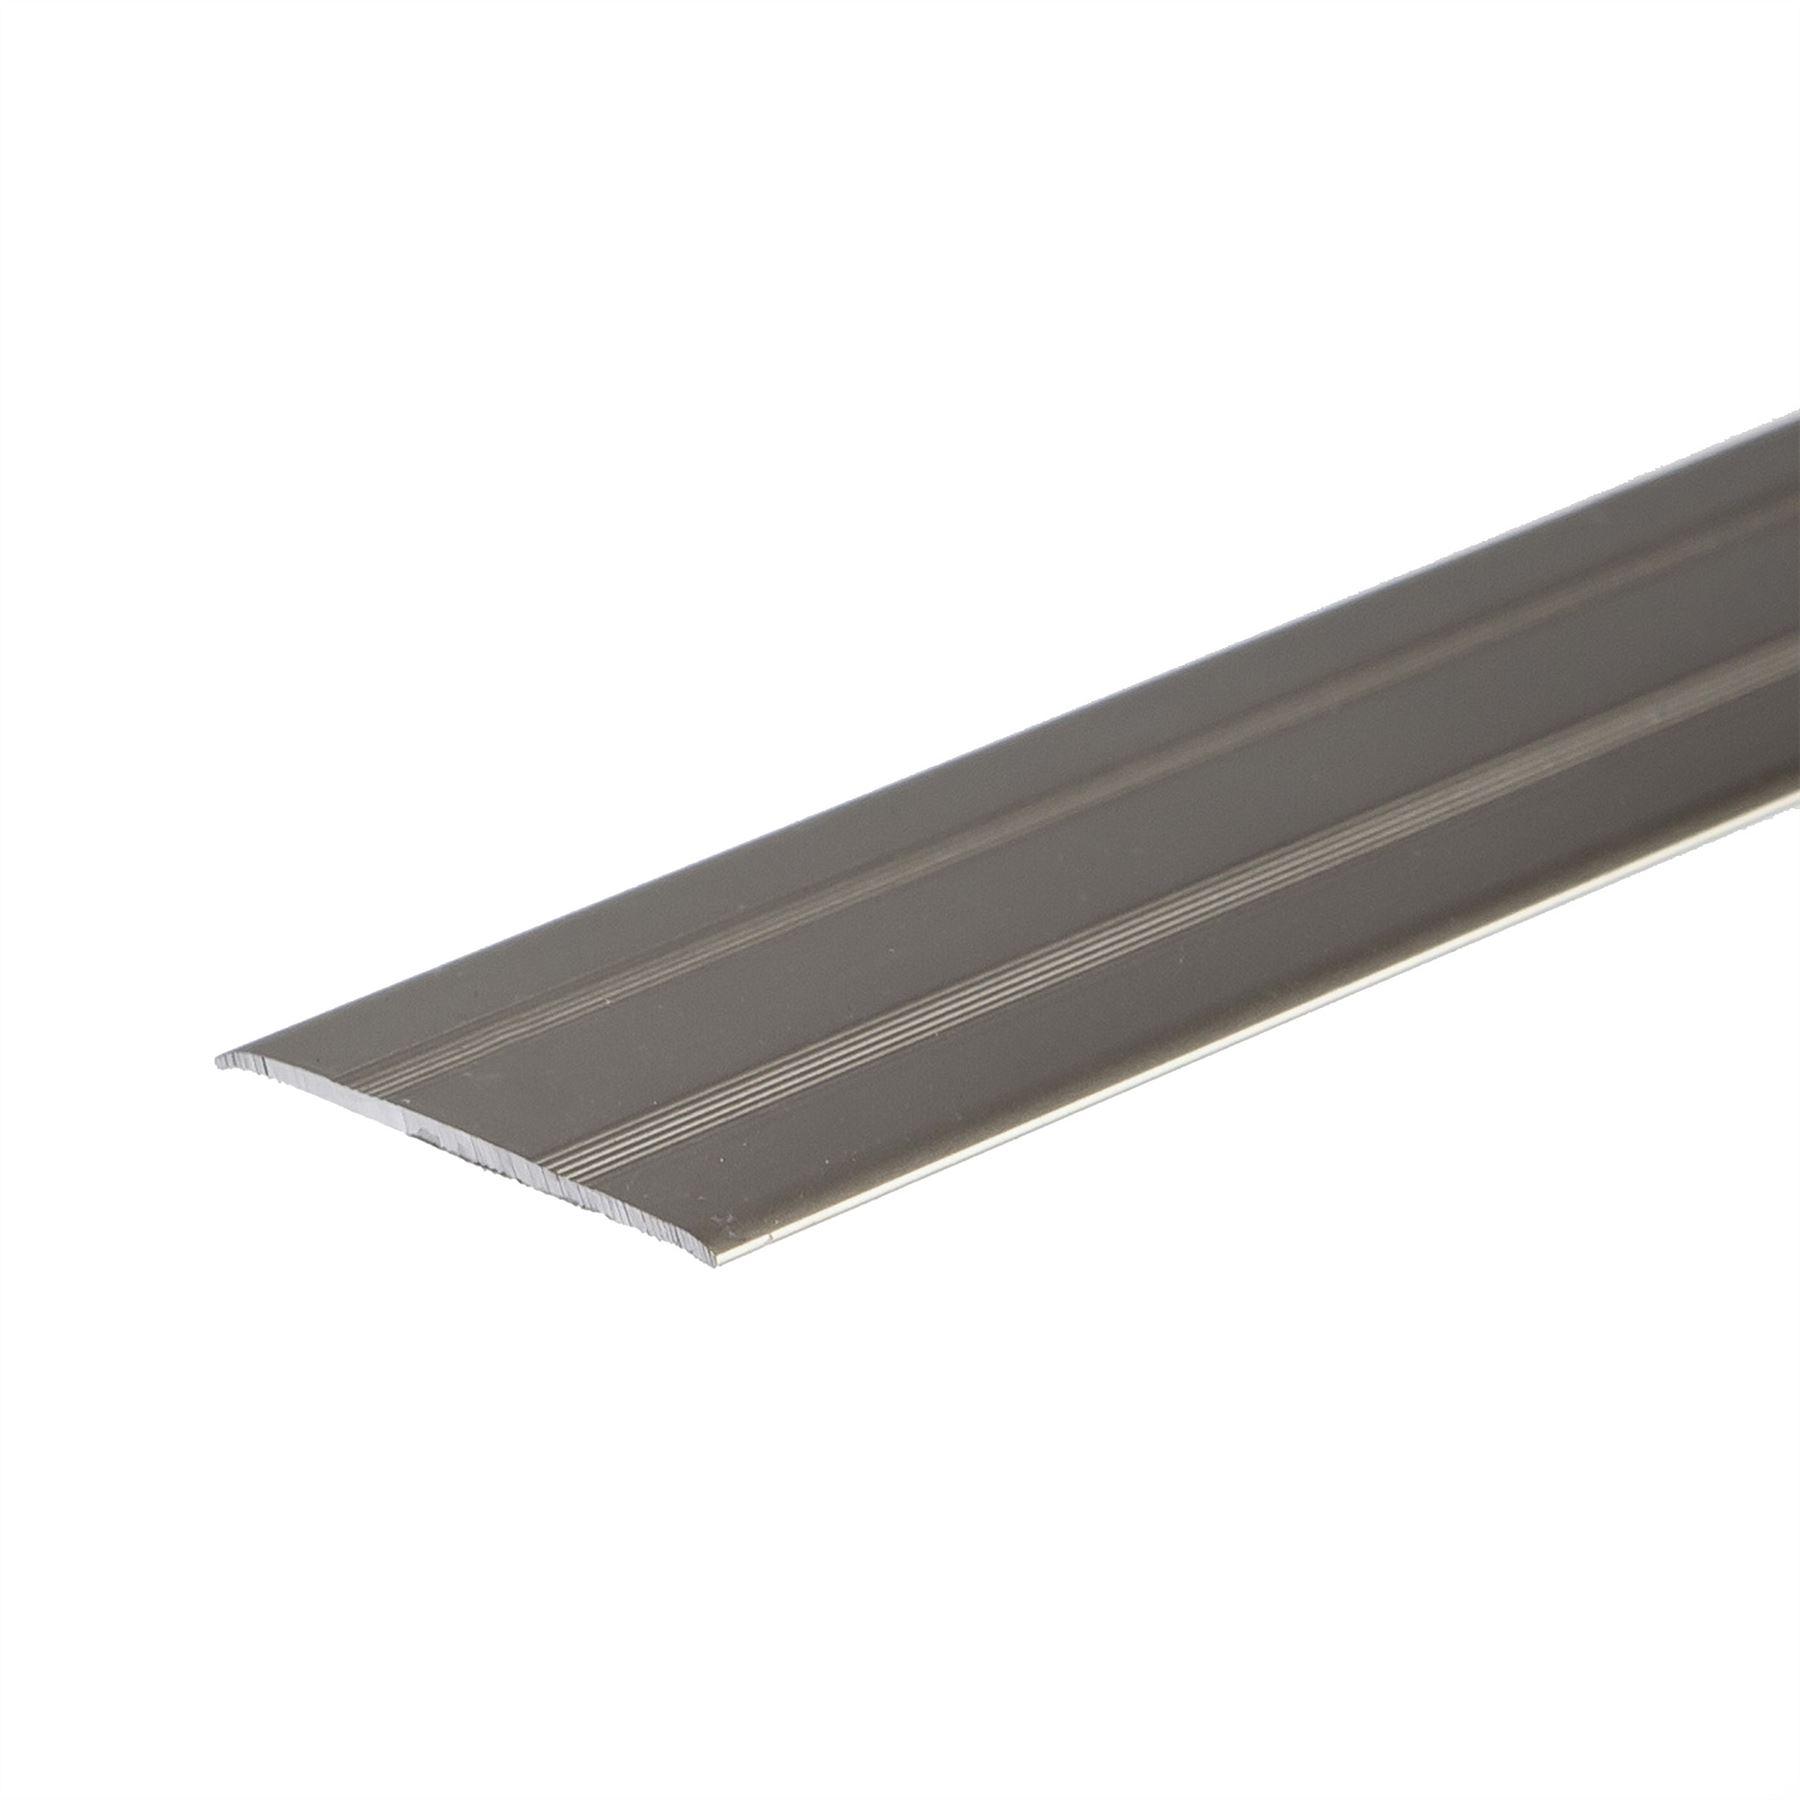 Anodised Aluminium Door Floor Bar Edge Trim Threshold